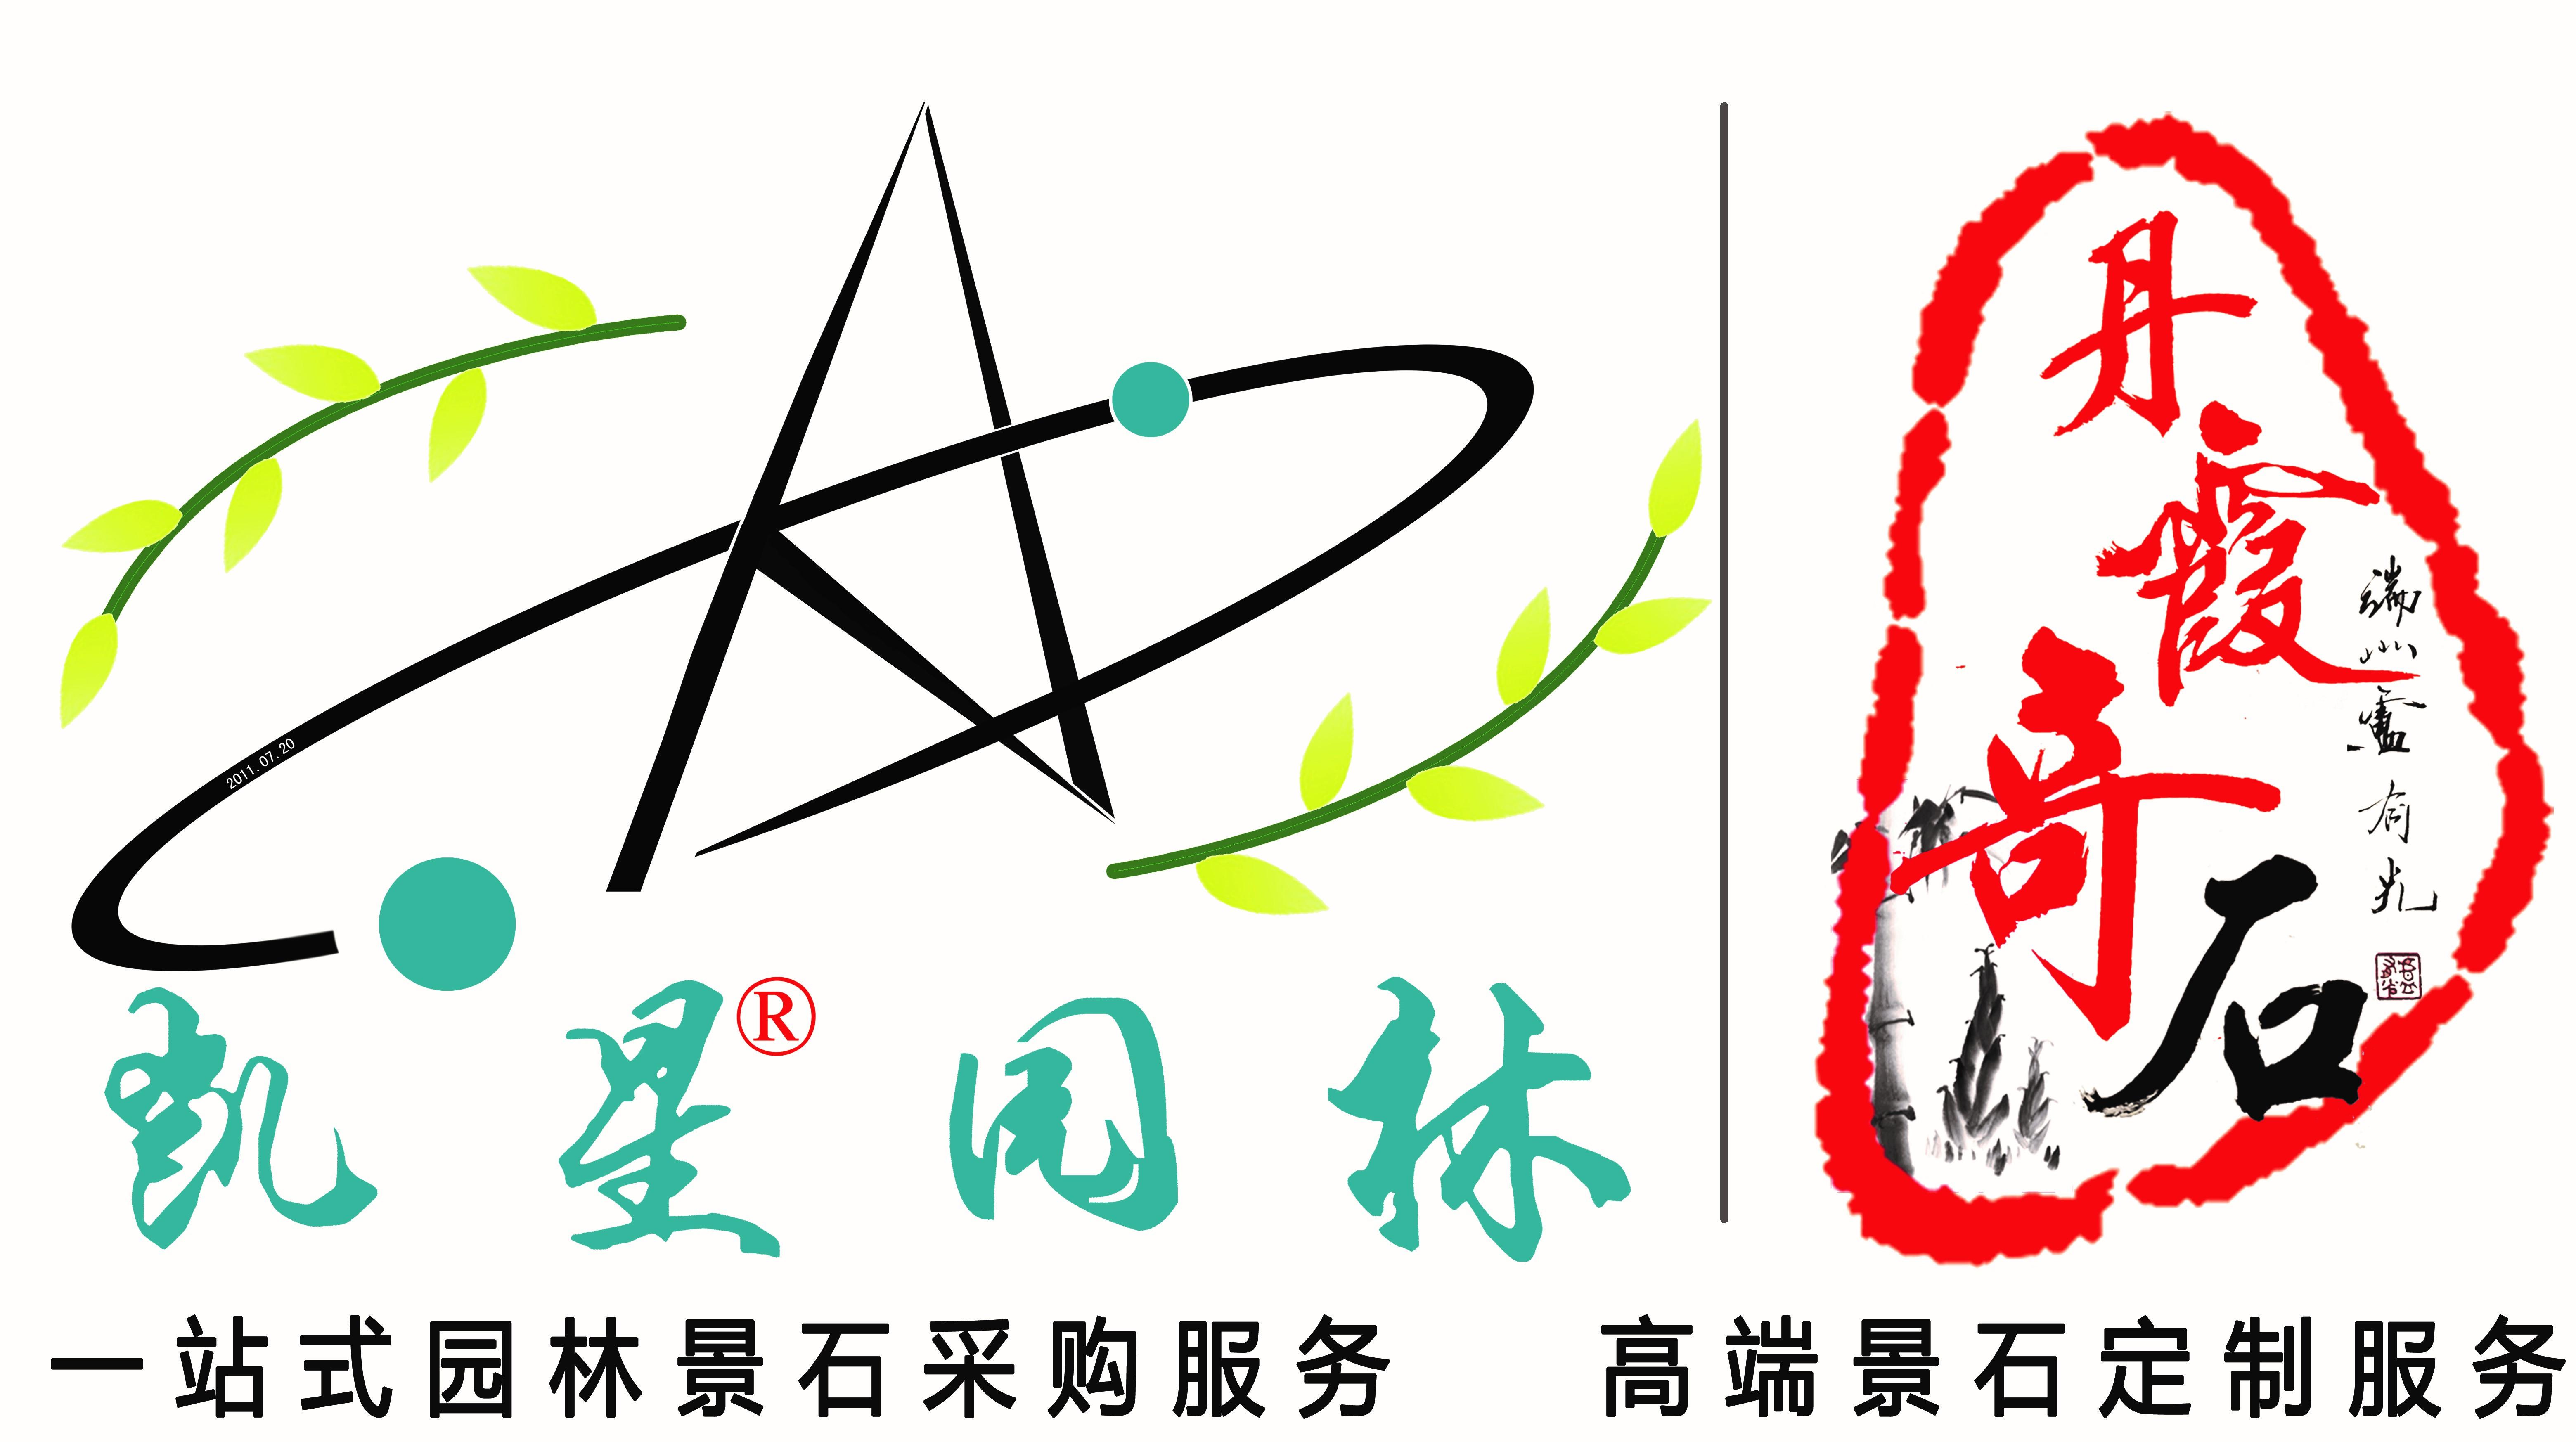 广 州 凯 星 园 林 绿 化 工 程 有 限 公 司 【丹 霞 奇 石】